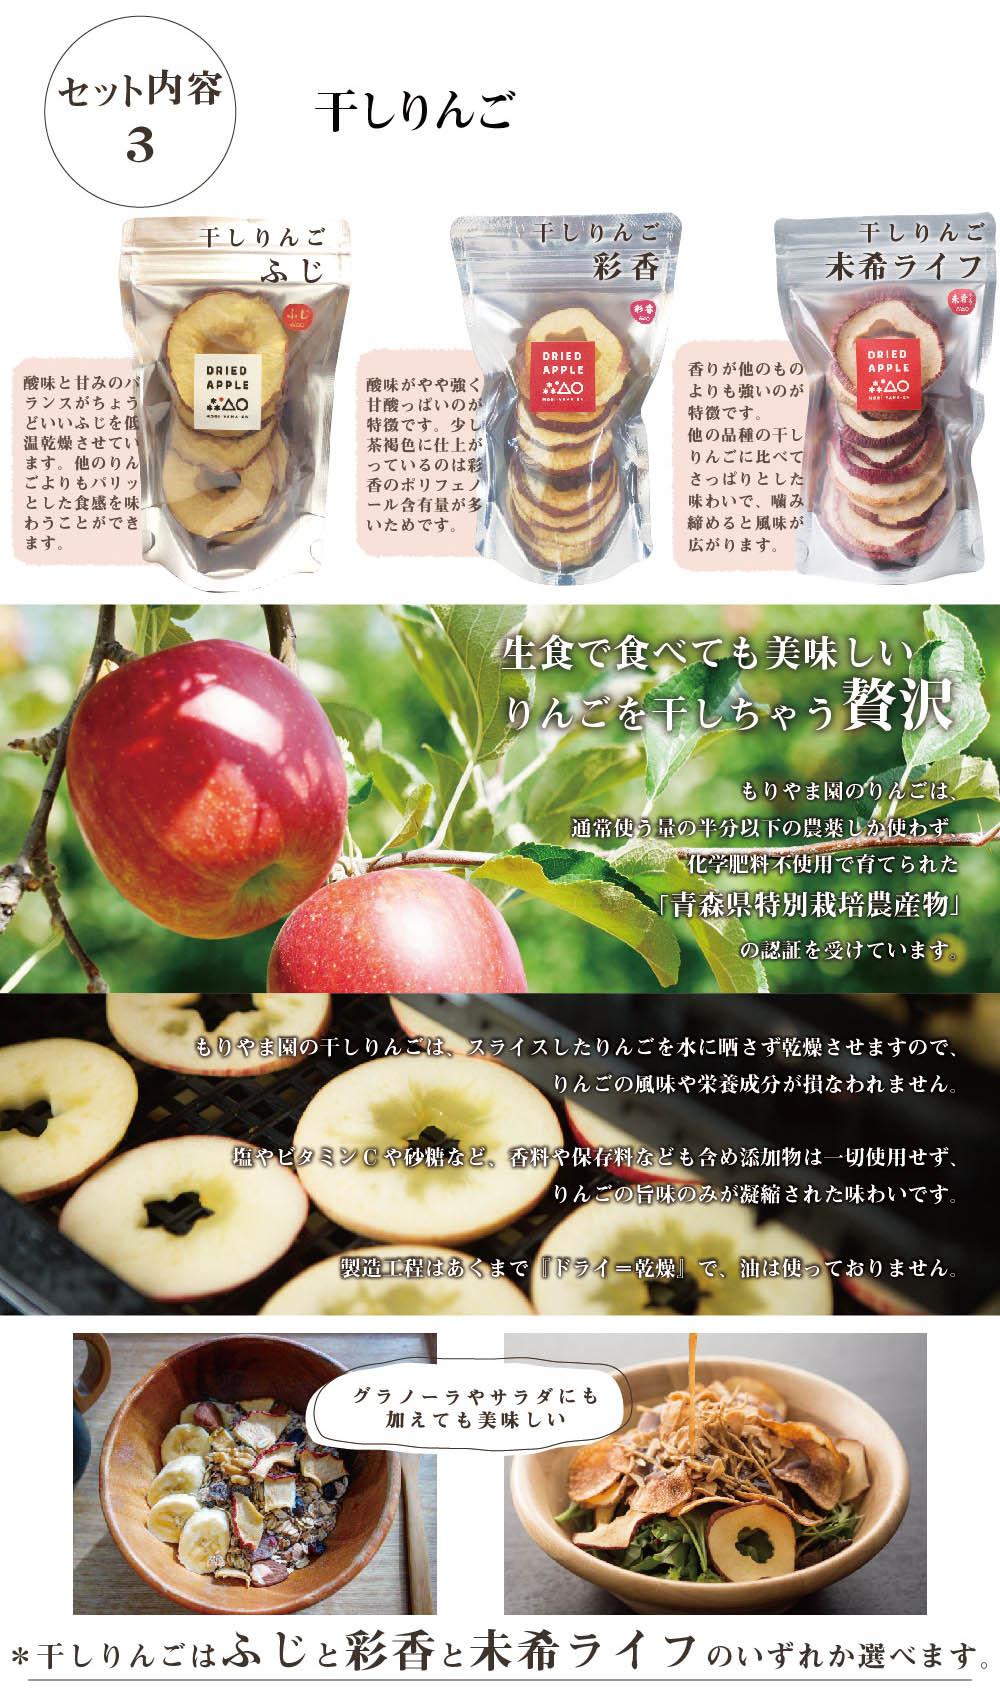 生食で食べてもおいしいりんごを干して健康的なおやつにしました。使用しているりんごは青森県特別栽培農産物の認証を受けています。添加物は一切使わず、油で揚げず、乾燥させて製造されています。ふじ、彩香、未希ライフの3種類からお選びいただけます。